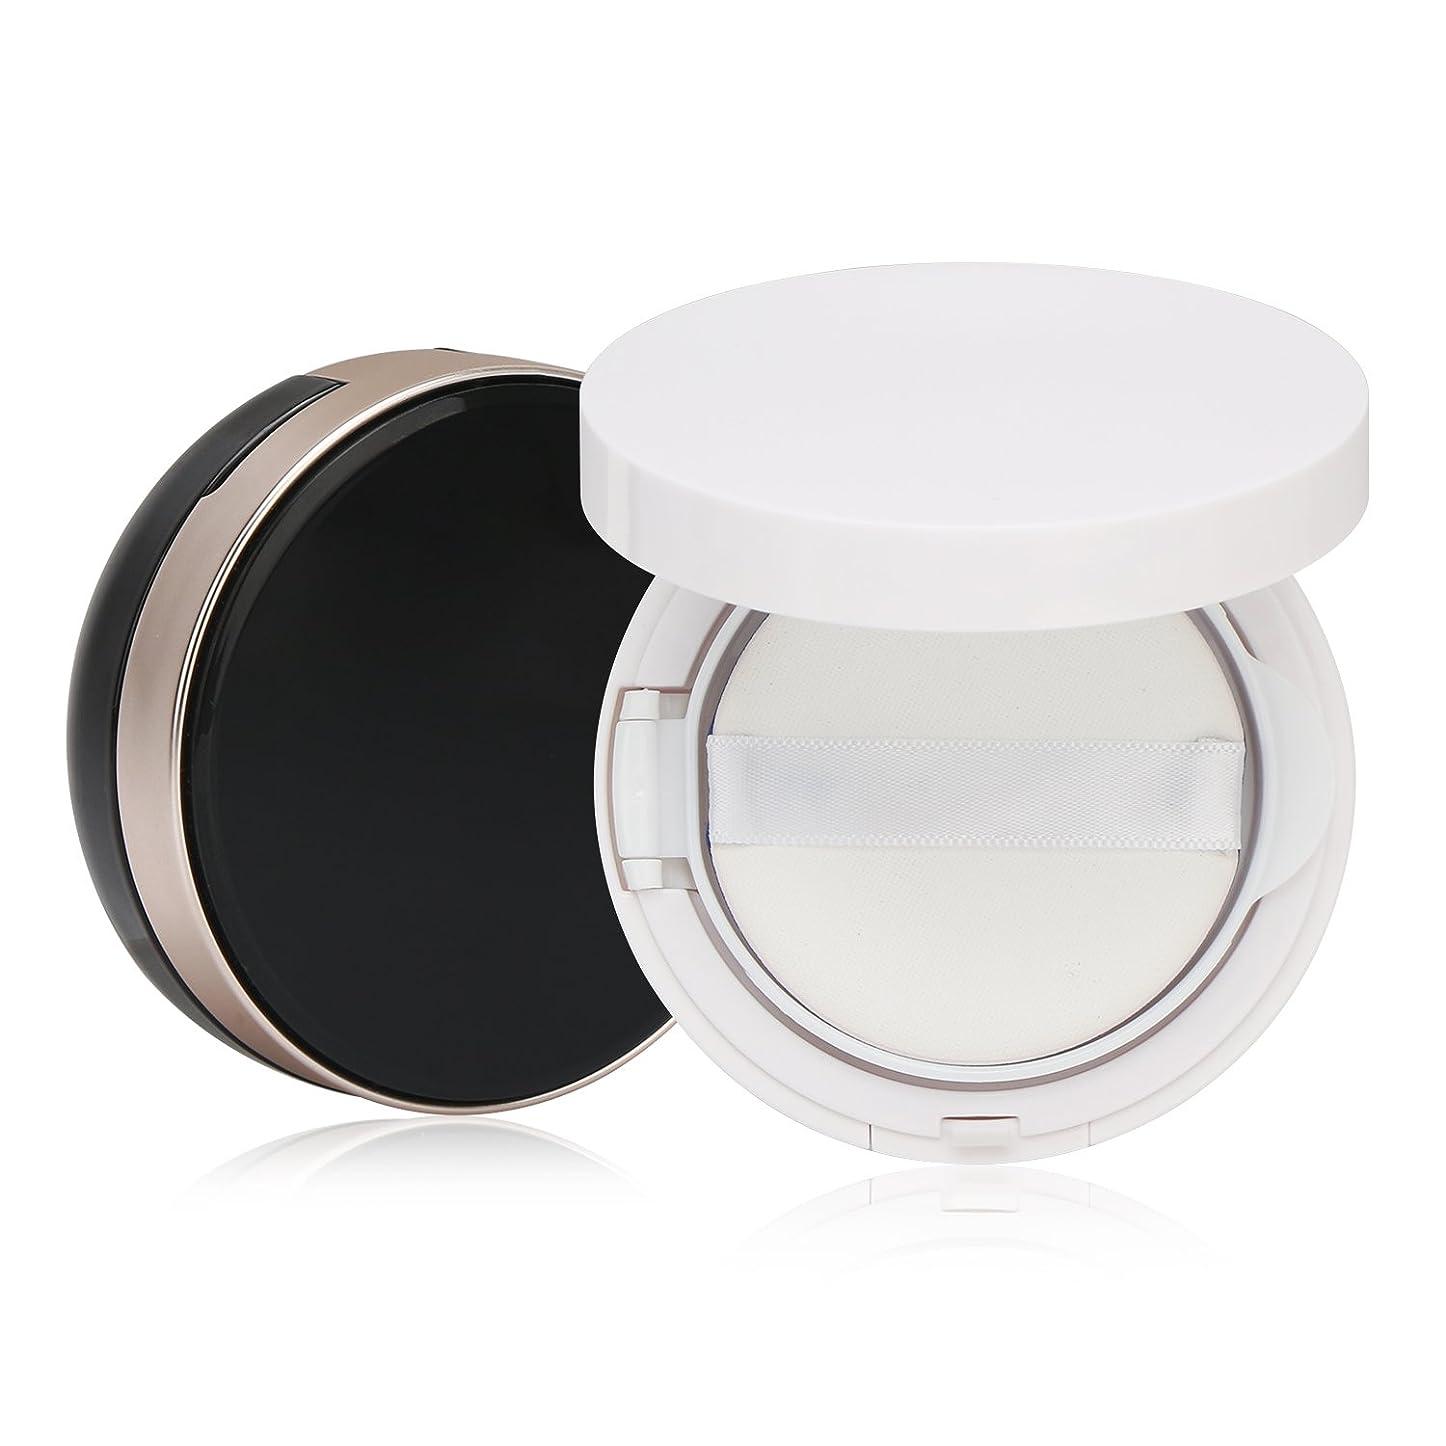 バルブ伝統虹Segbeauty エアクッションボックス パウダーコンテナ BBクリーム 化粧品 詰替え DIY 黒いと白いのセット